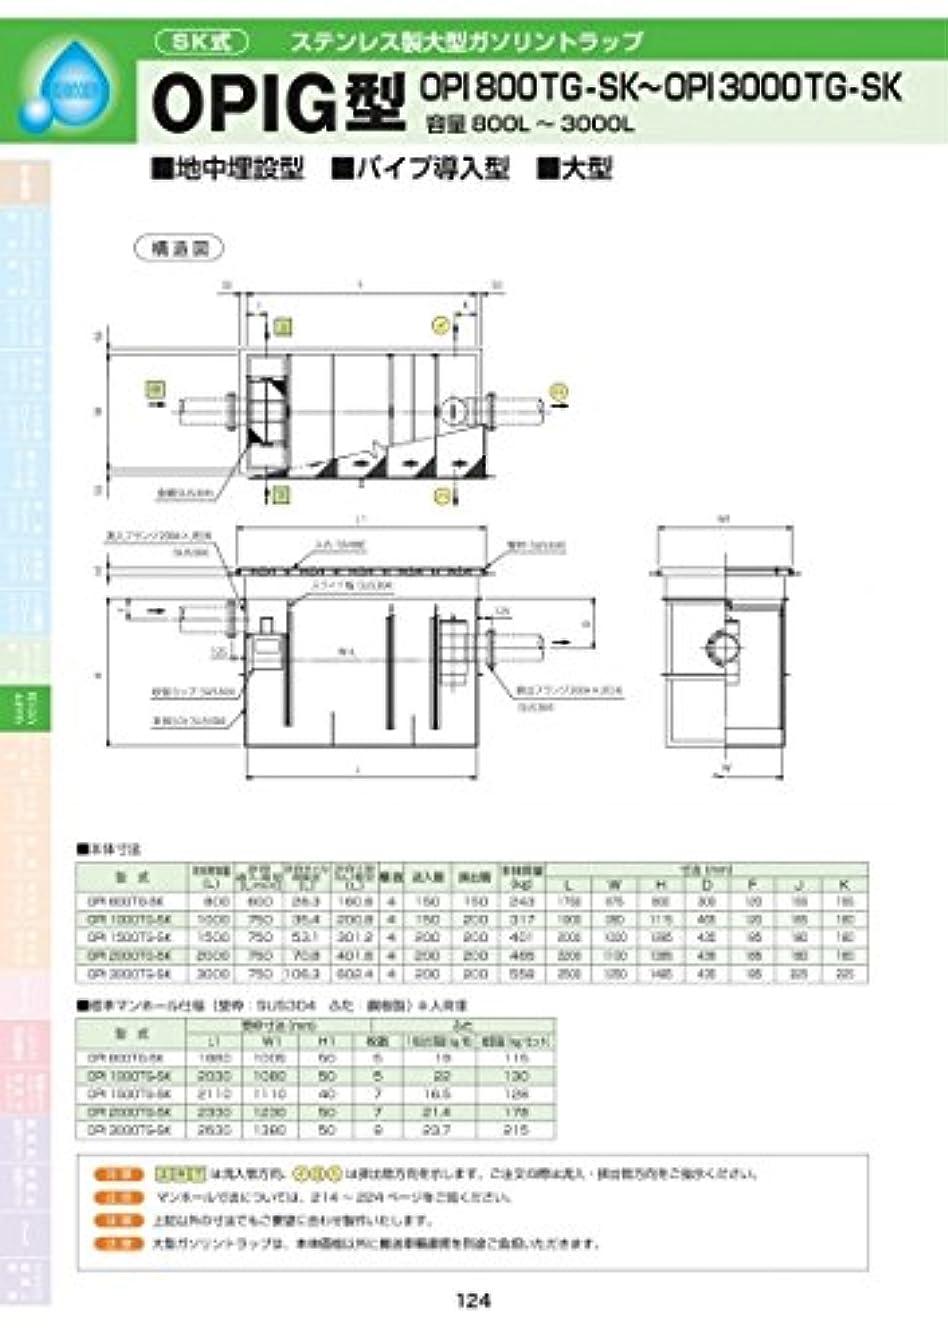 租界単位応用OPIG型 OPI-1500TG-SK 耐荷重蓋仕様セット(マンホール枠:ステンレス / 蓋:溶融亜鉛メッキ) T-6